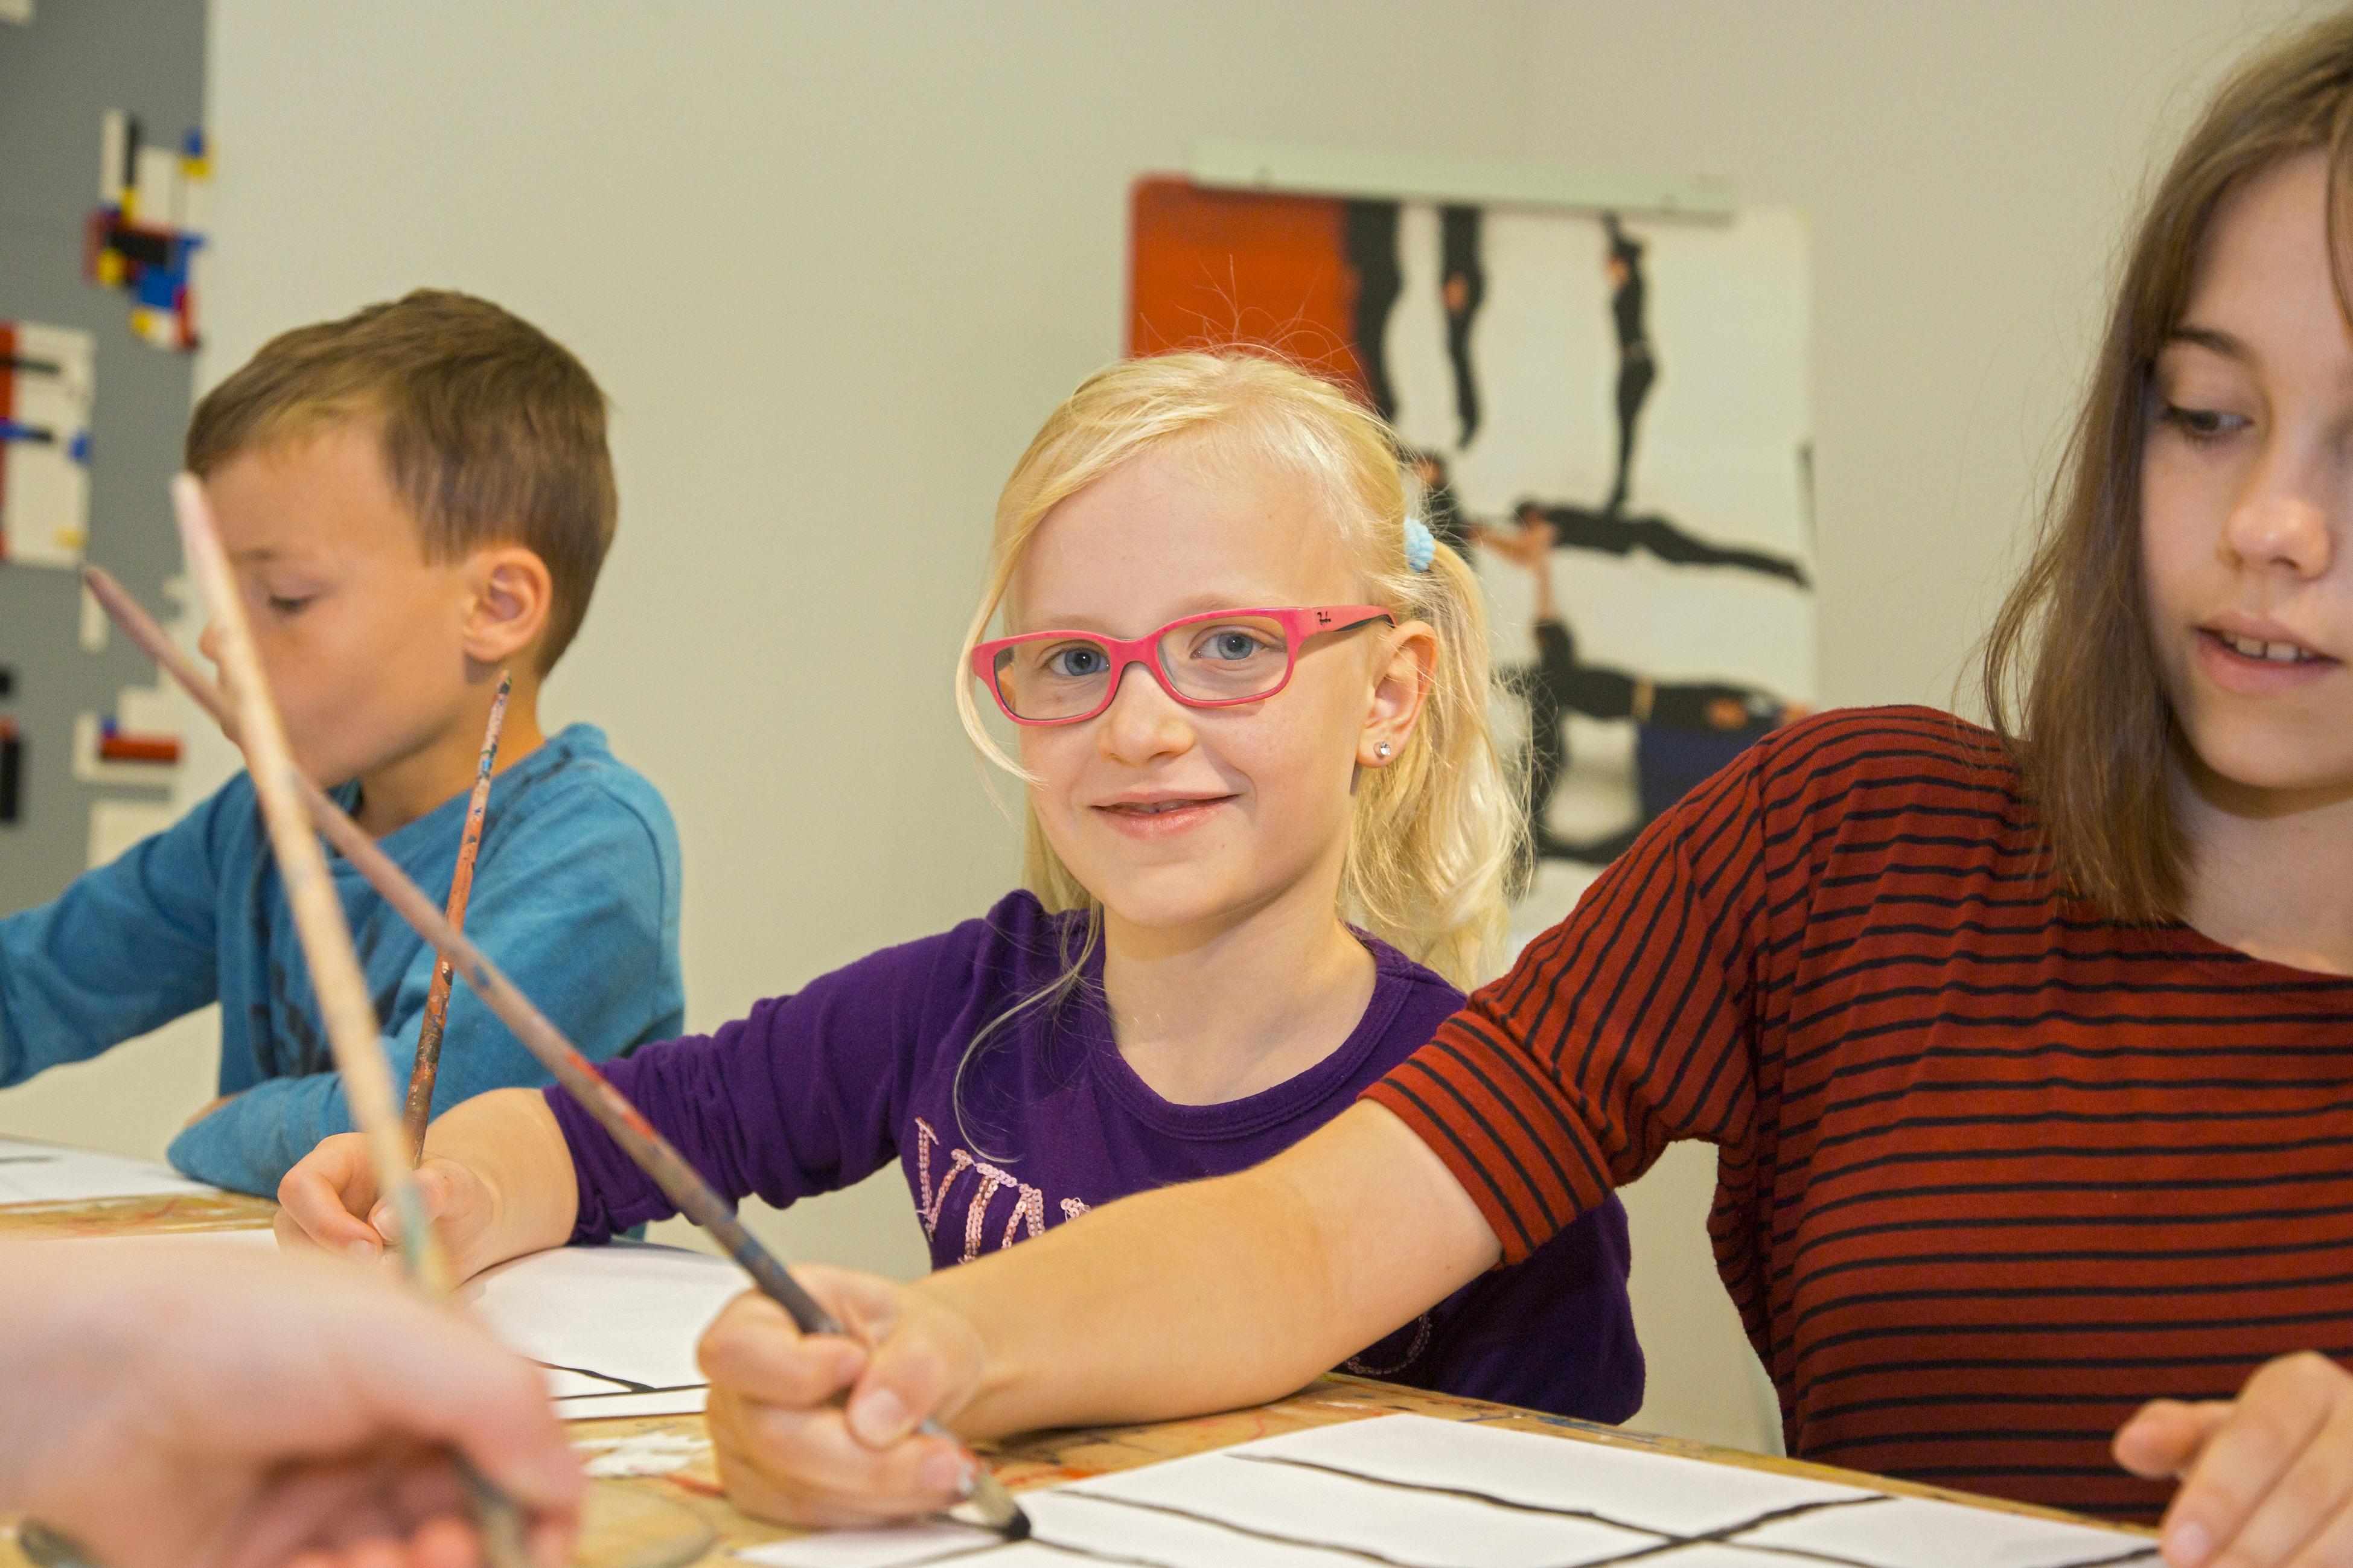 Mondriaanhuis Kinderworkshop 3 Foto Wil Groenhuijsen.jpg